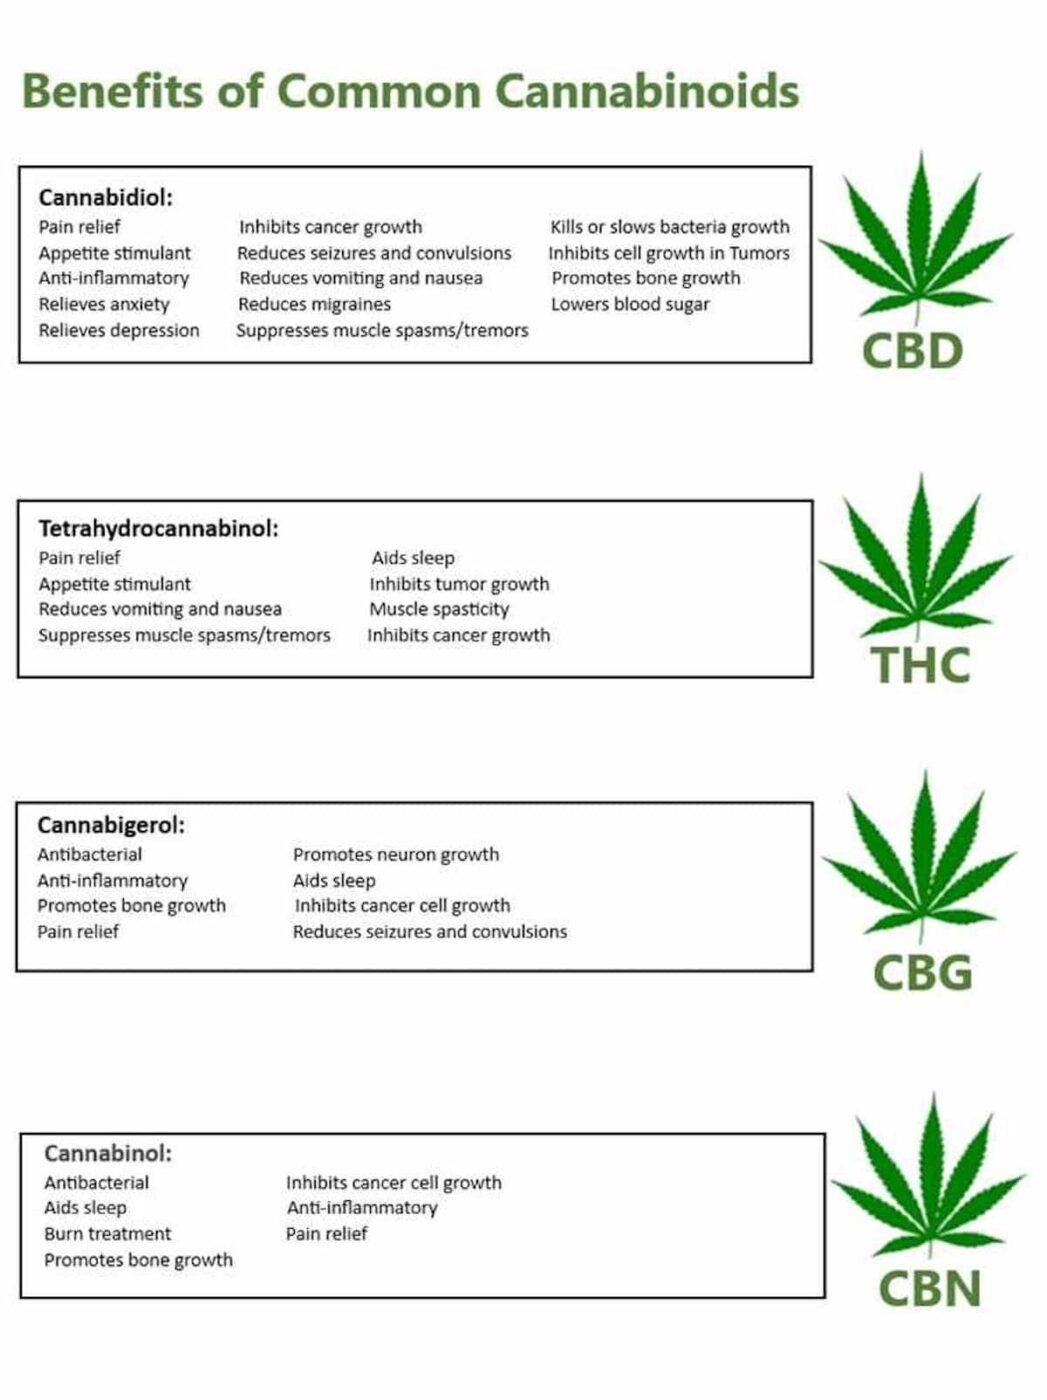 Benefits of Cannabinoids